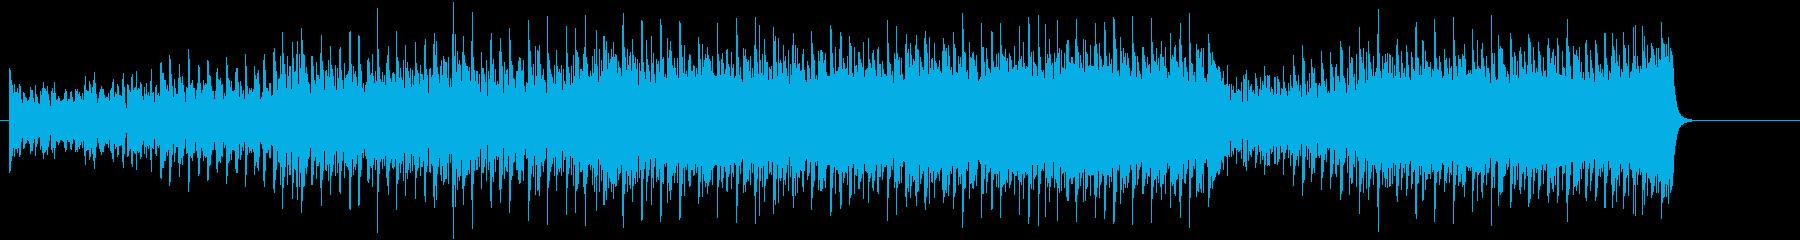 ダンサブルビートが効いたハイパーポップの再生済みの波形